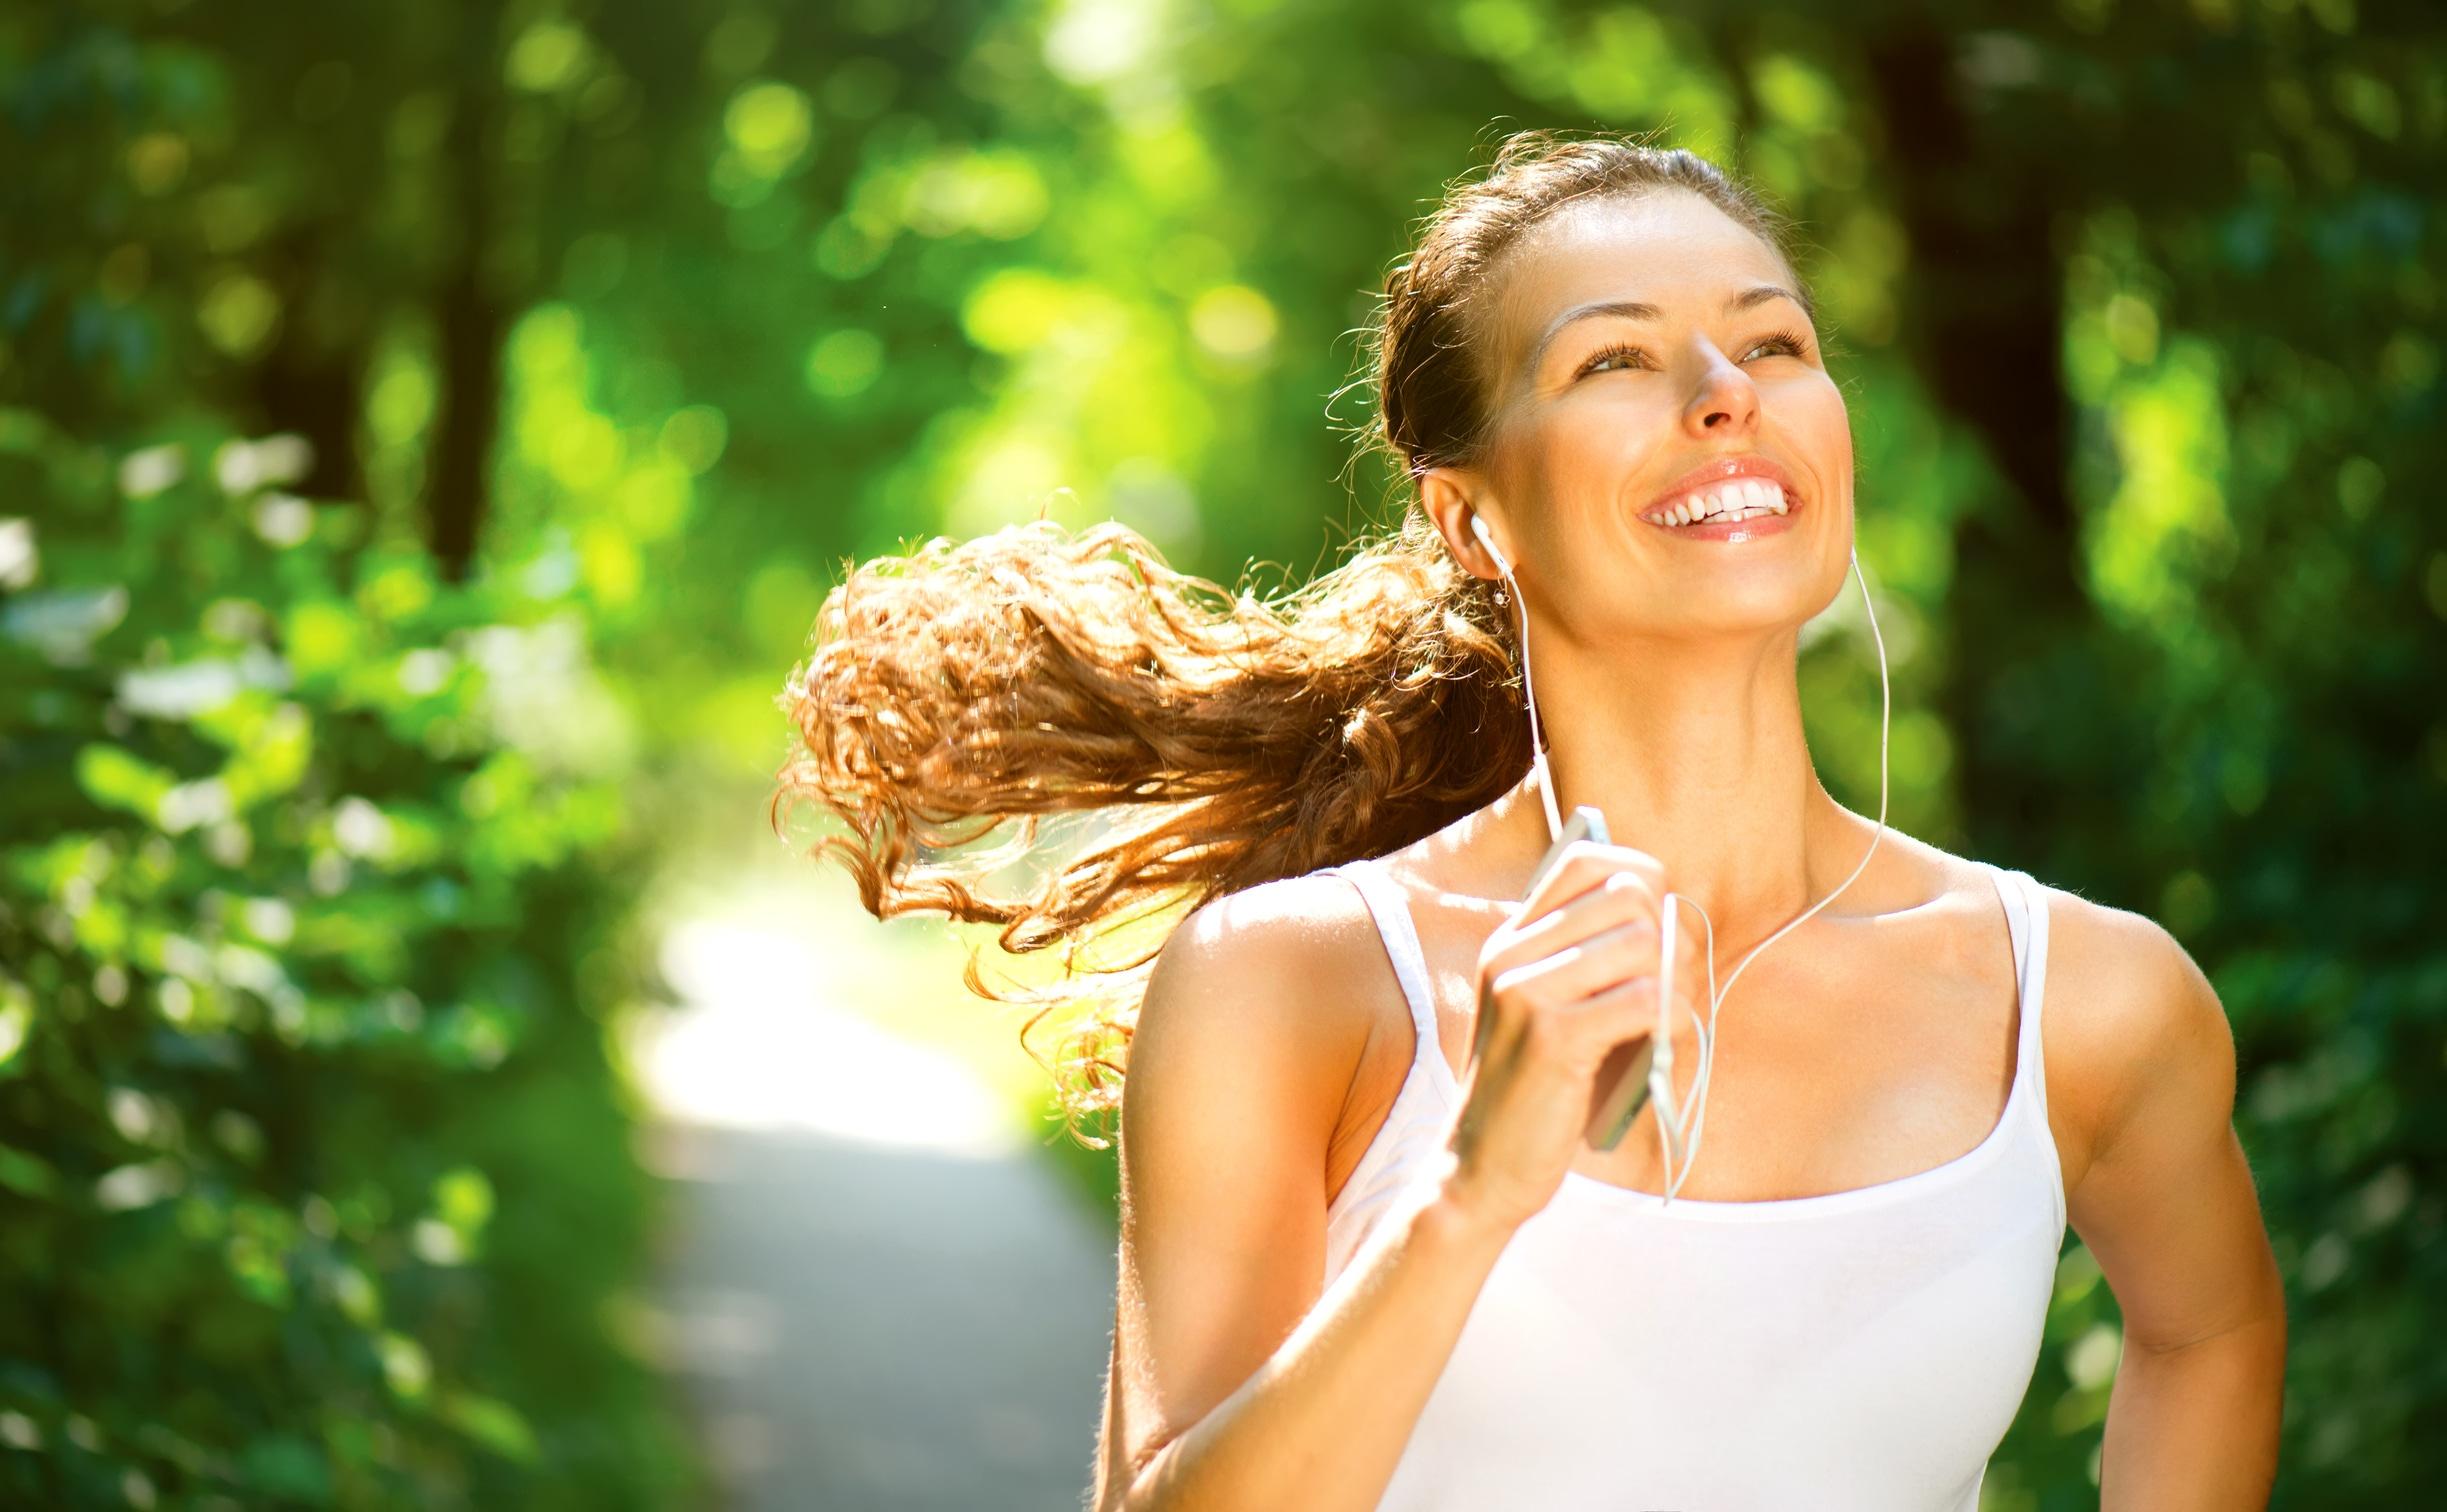 9aa4e67ac2ee Consejos básicos para cuidar nuestra salud - CinfaSalud